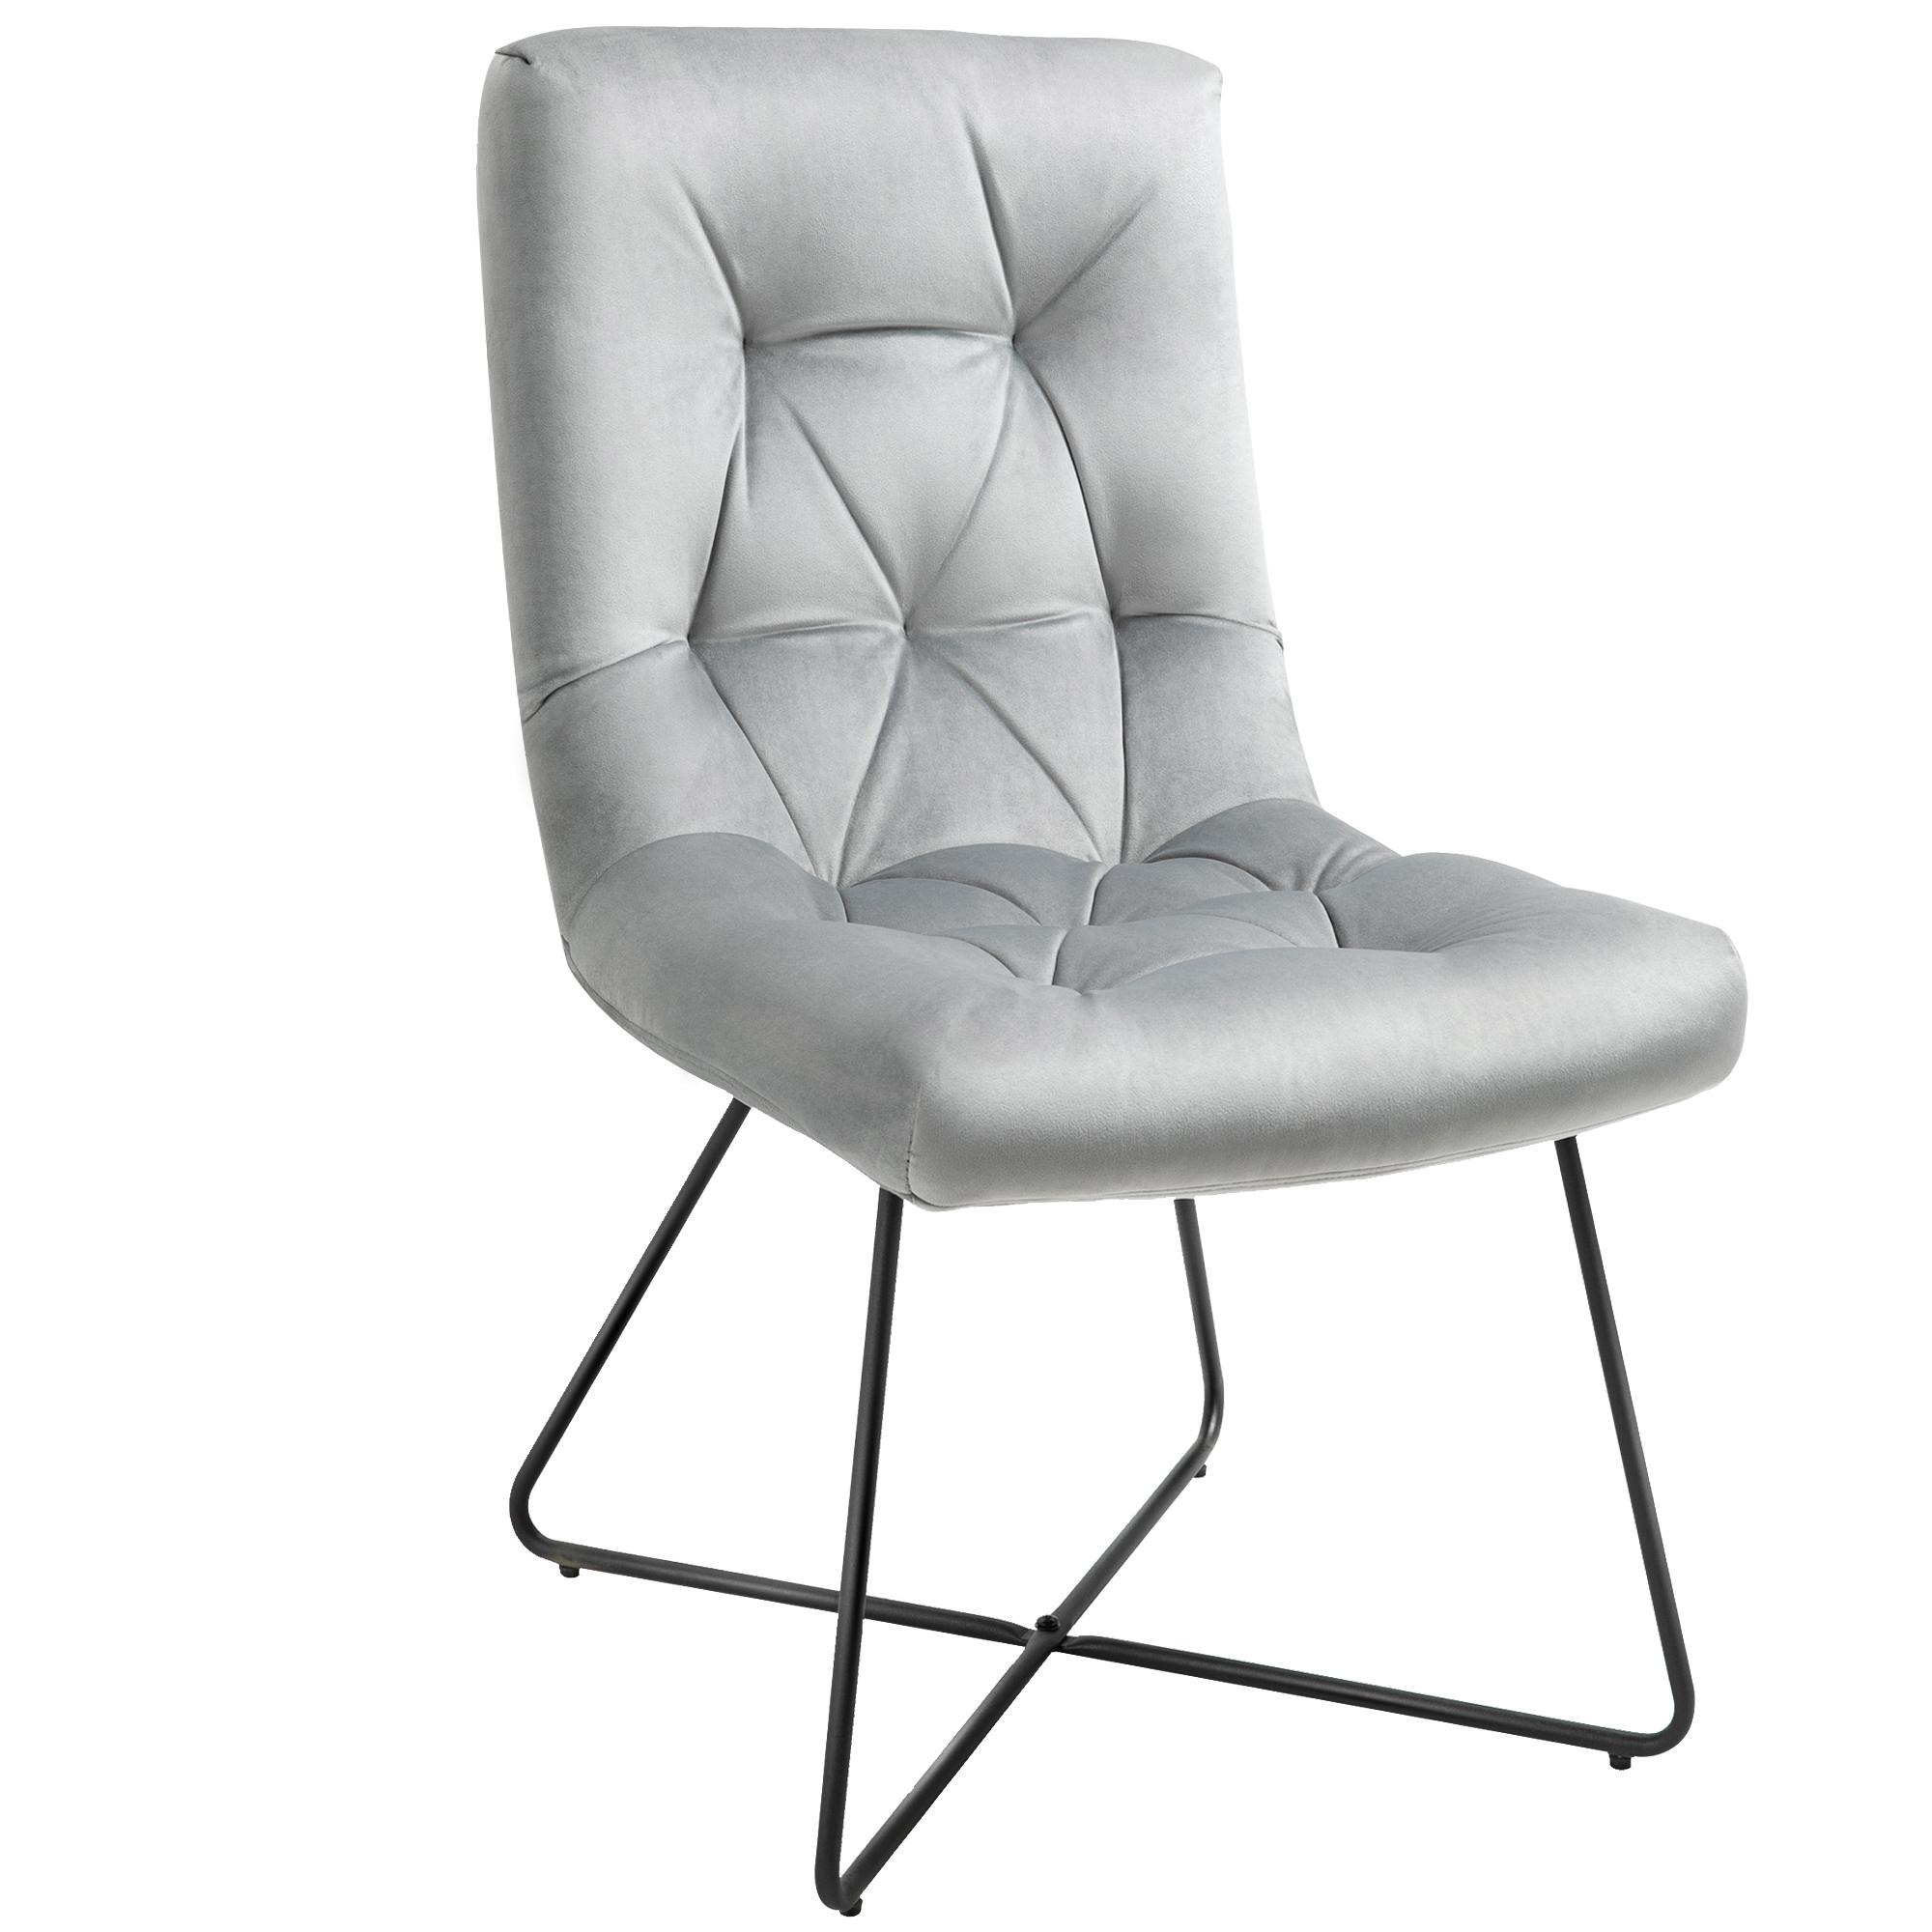 Chaise design néo-rétro capitonné piètement croisé métal noir velours